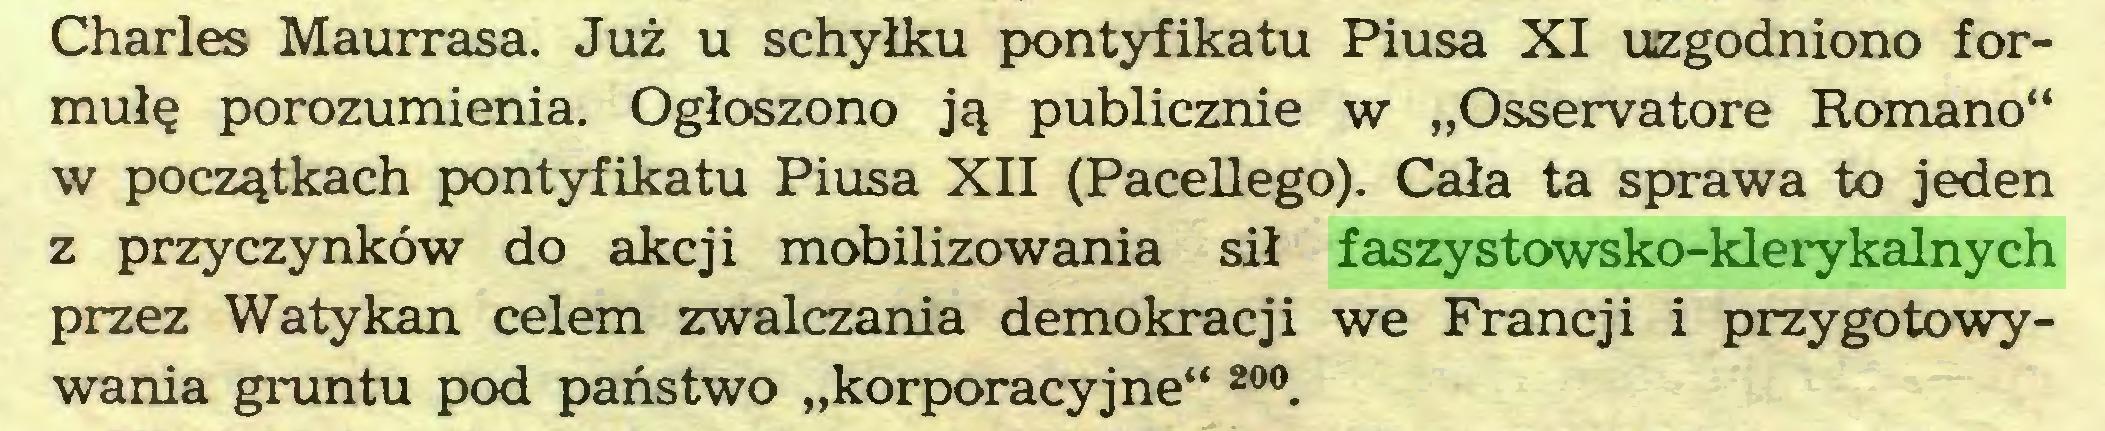 """(...) Charles Maurrasa. Już u schyłku pontyfikatu Piusa XI uzgodniono formułę porozumienia. Ogłoszono ją publicznie w """"Osservatore Romano"""" w początkach pontyfikatu Piusa XII (Pacellego). Cała ta sprawa to jeden z przyczynków do akcji mobilizowania sił faszystowsko-klerykalnych przez Watykan celem zwalczania demokracji we Francji i przygotowywania gruntu pod państwo """"korporacyjne"""" 20°..."""